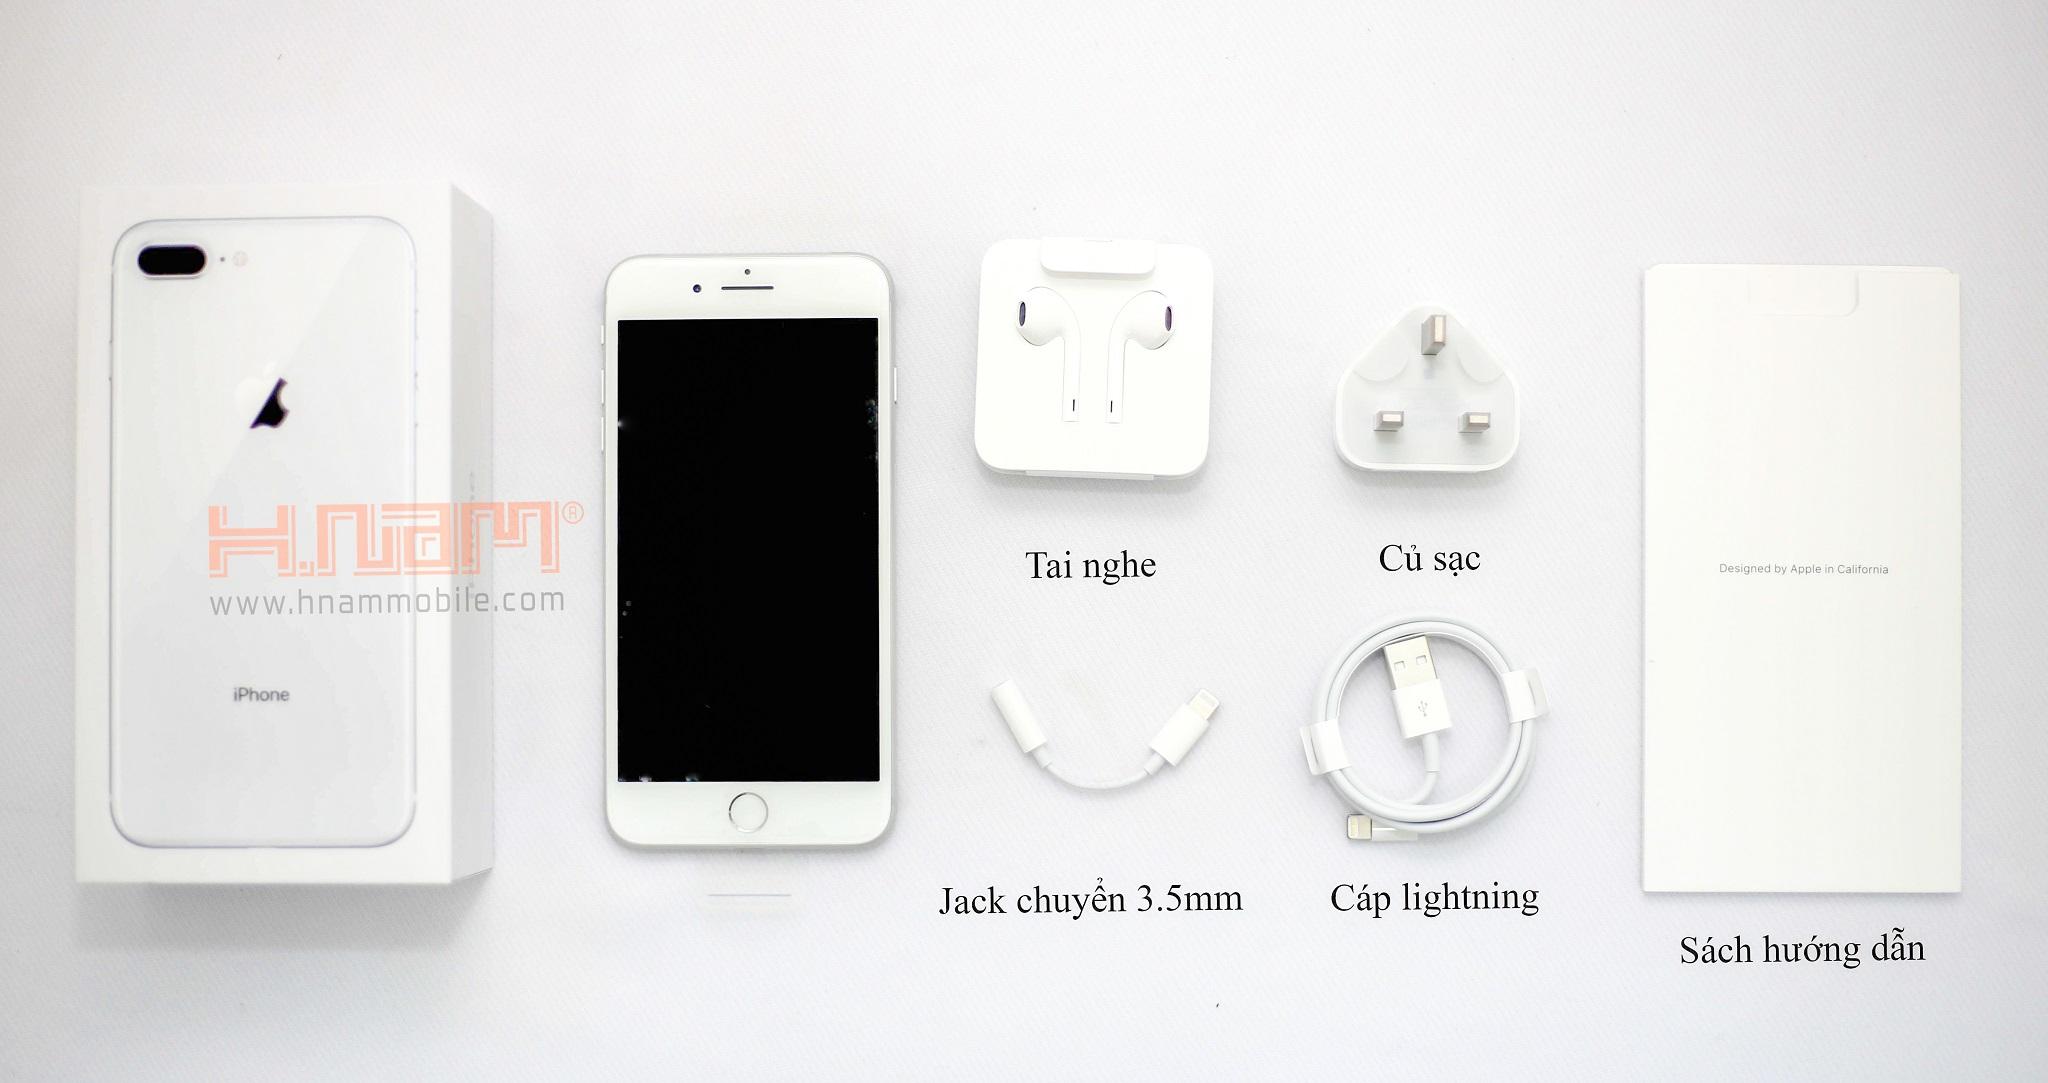 Apple iPhone 8 Plus 256Gb hình sản phẩm 1